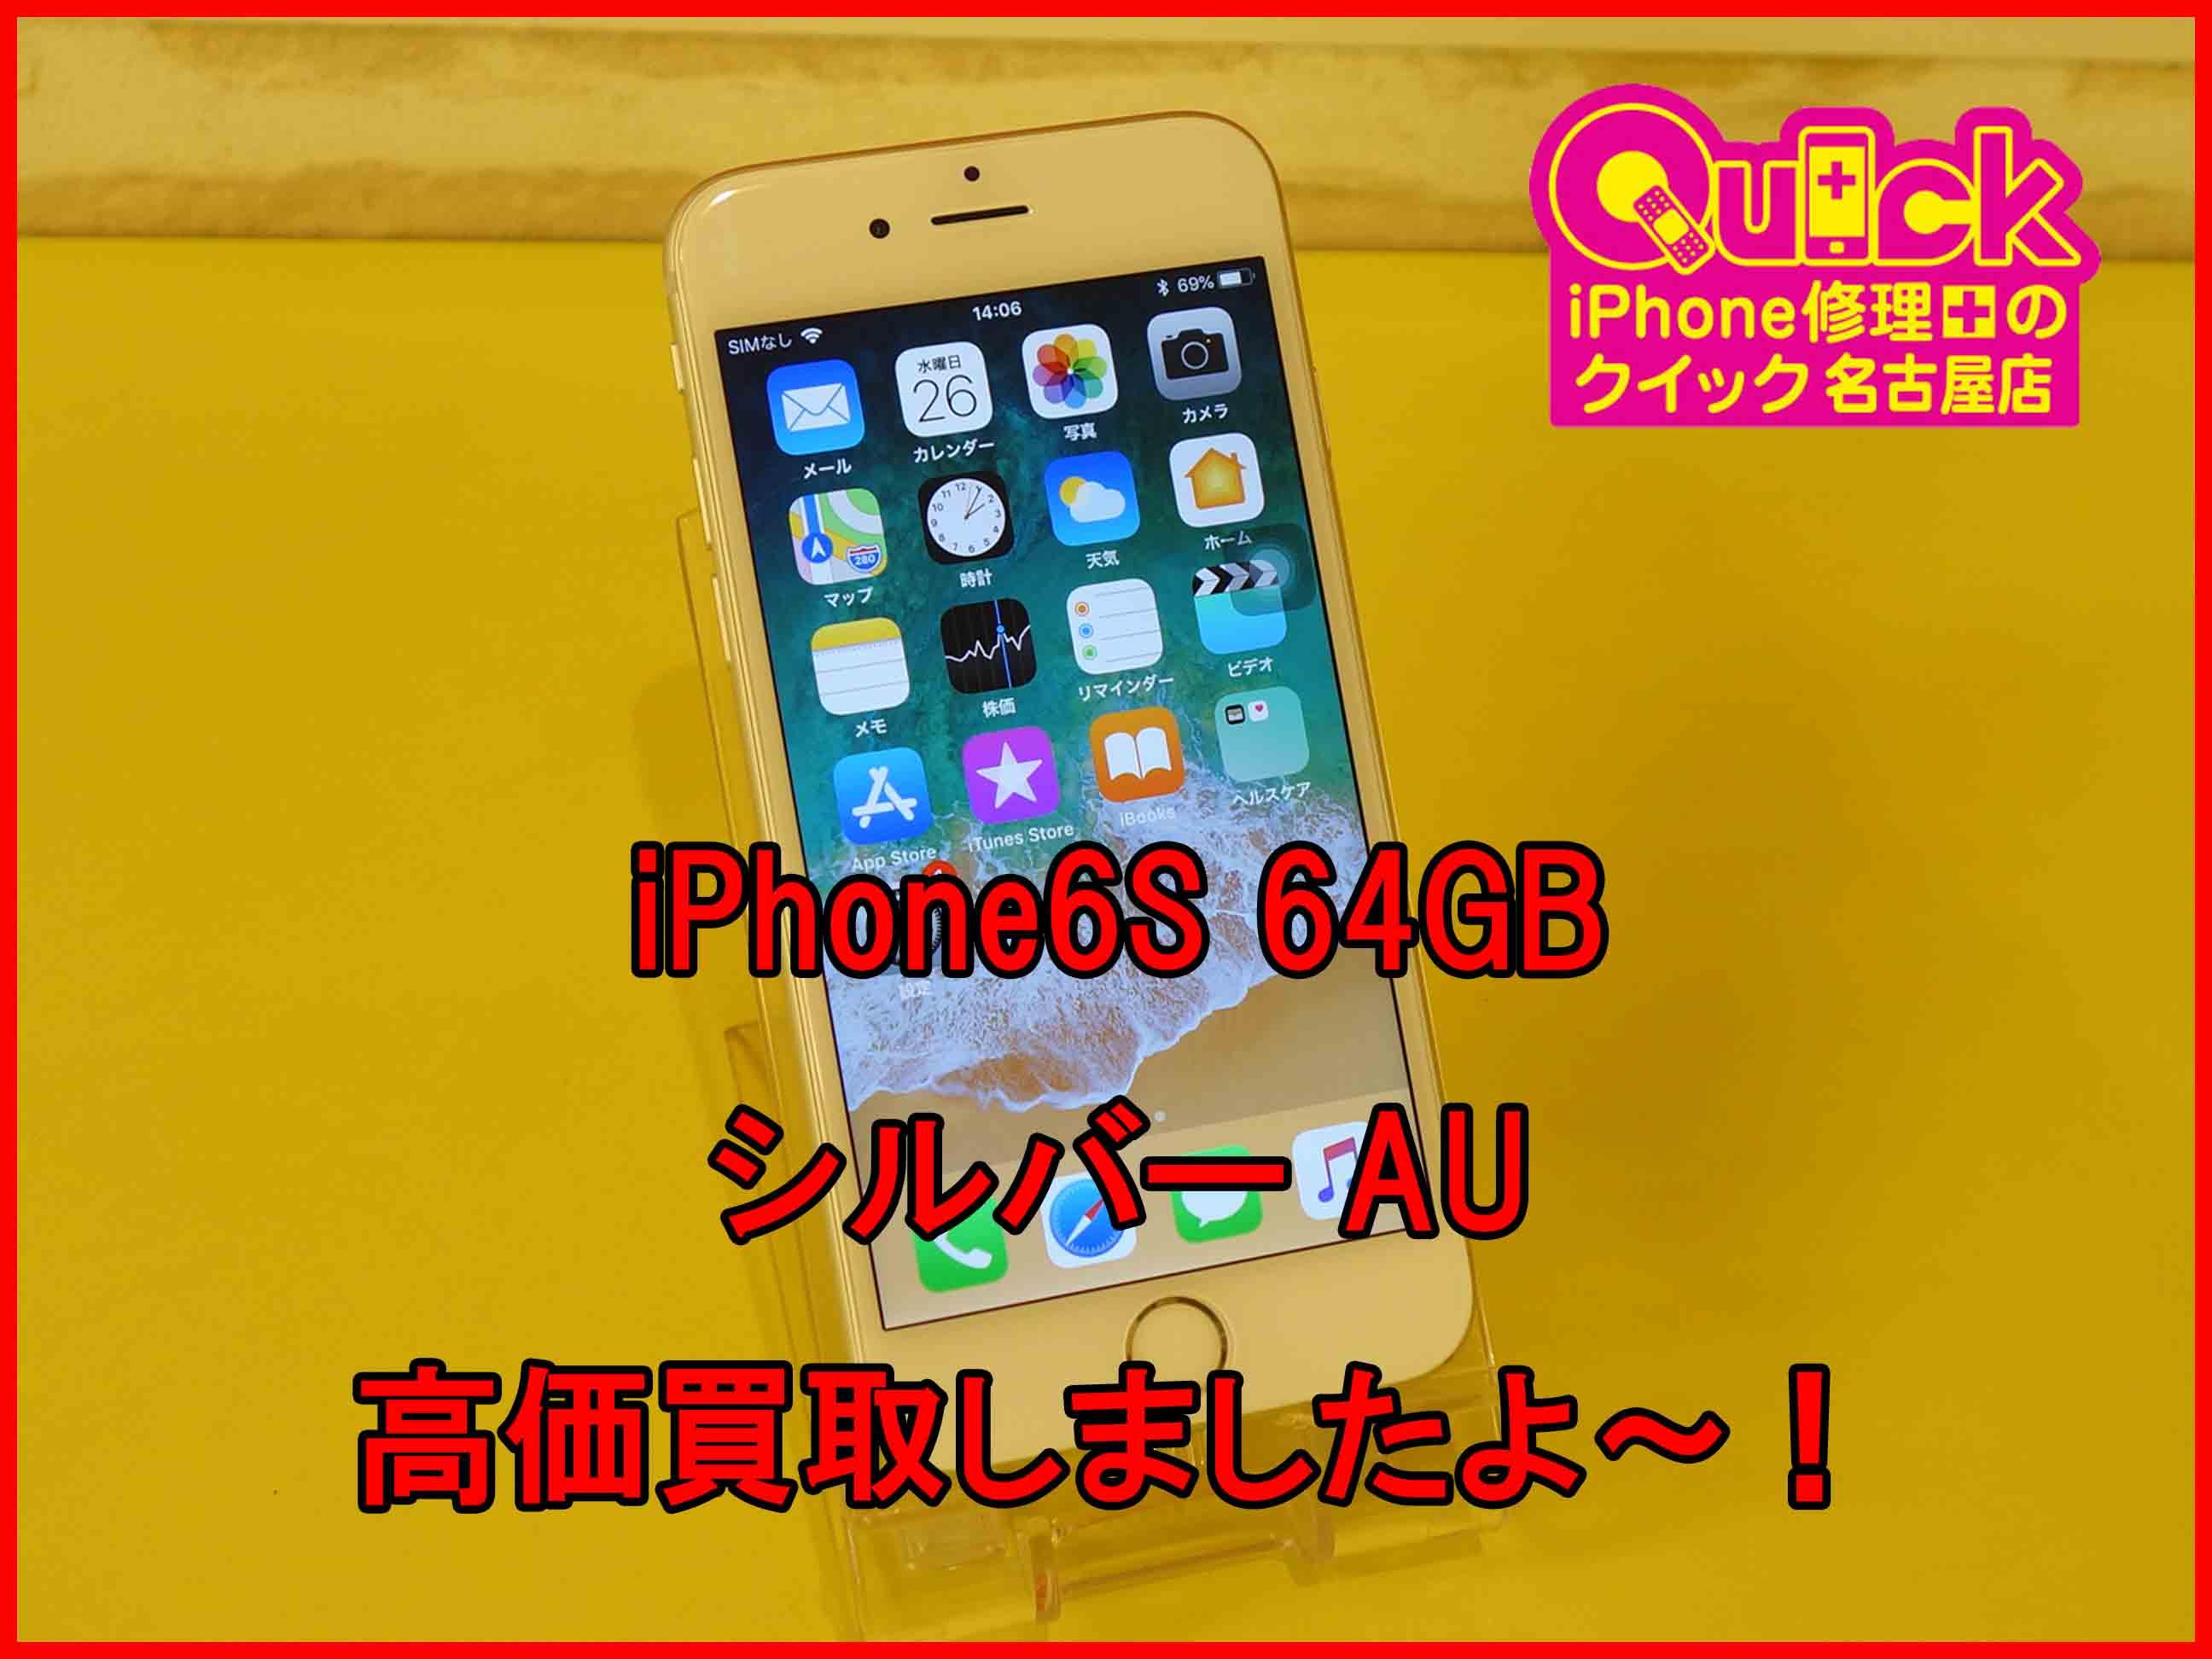 iPhone6Sの買取しました!アイフォン買取もクイック名古屋